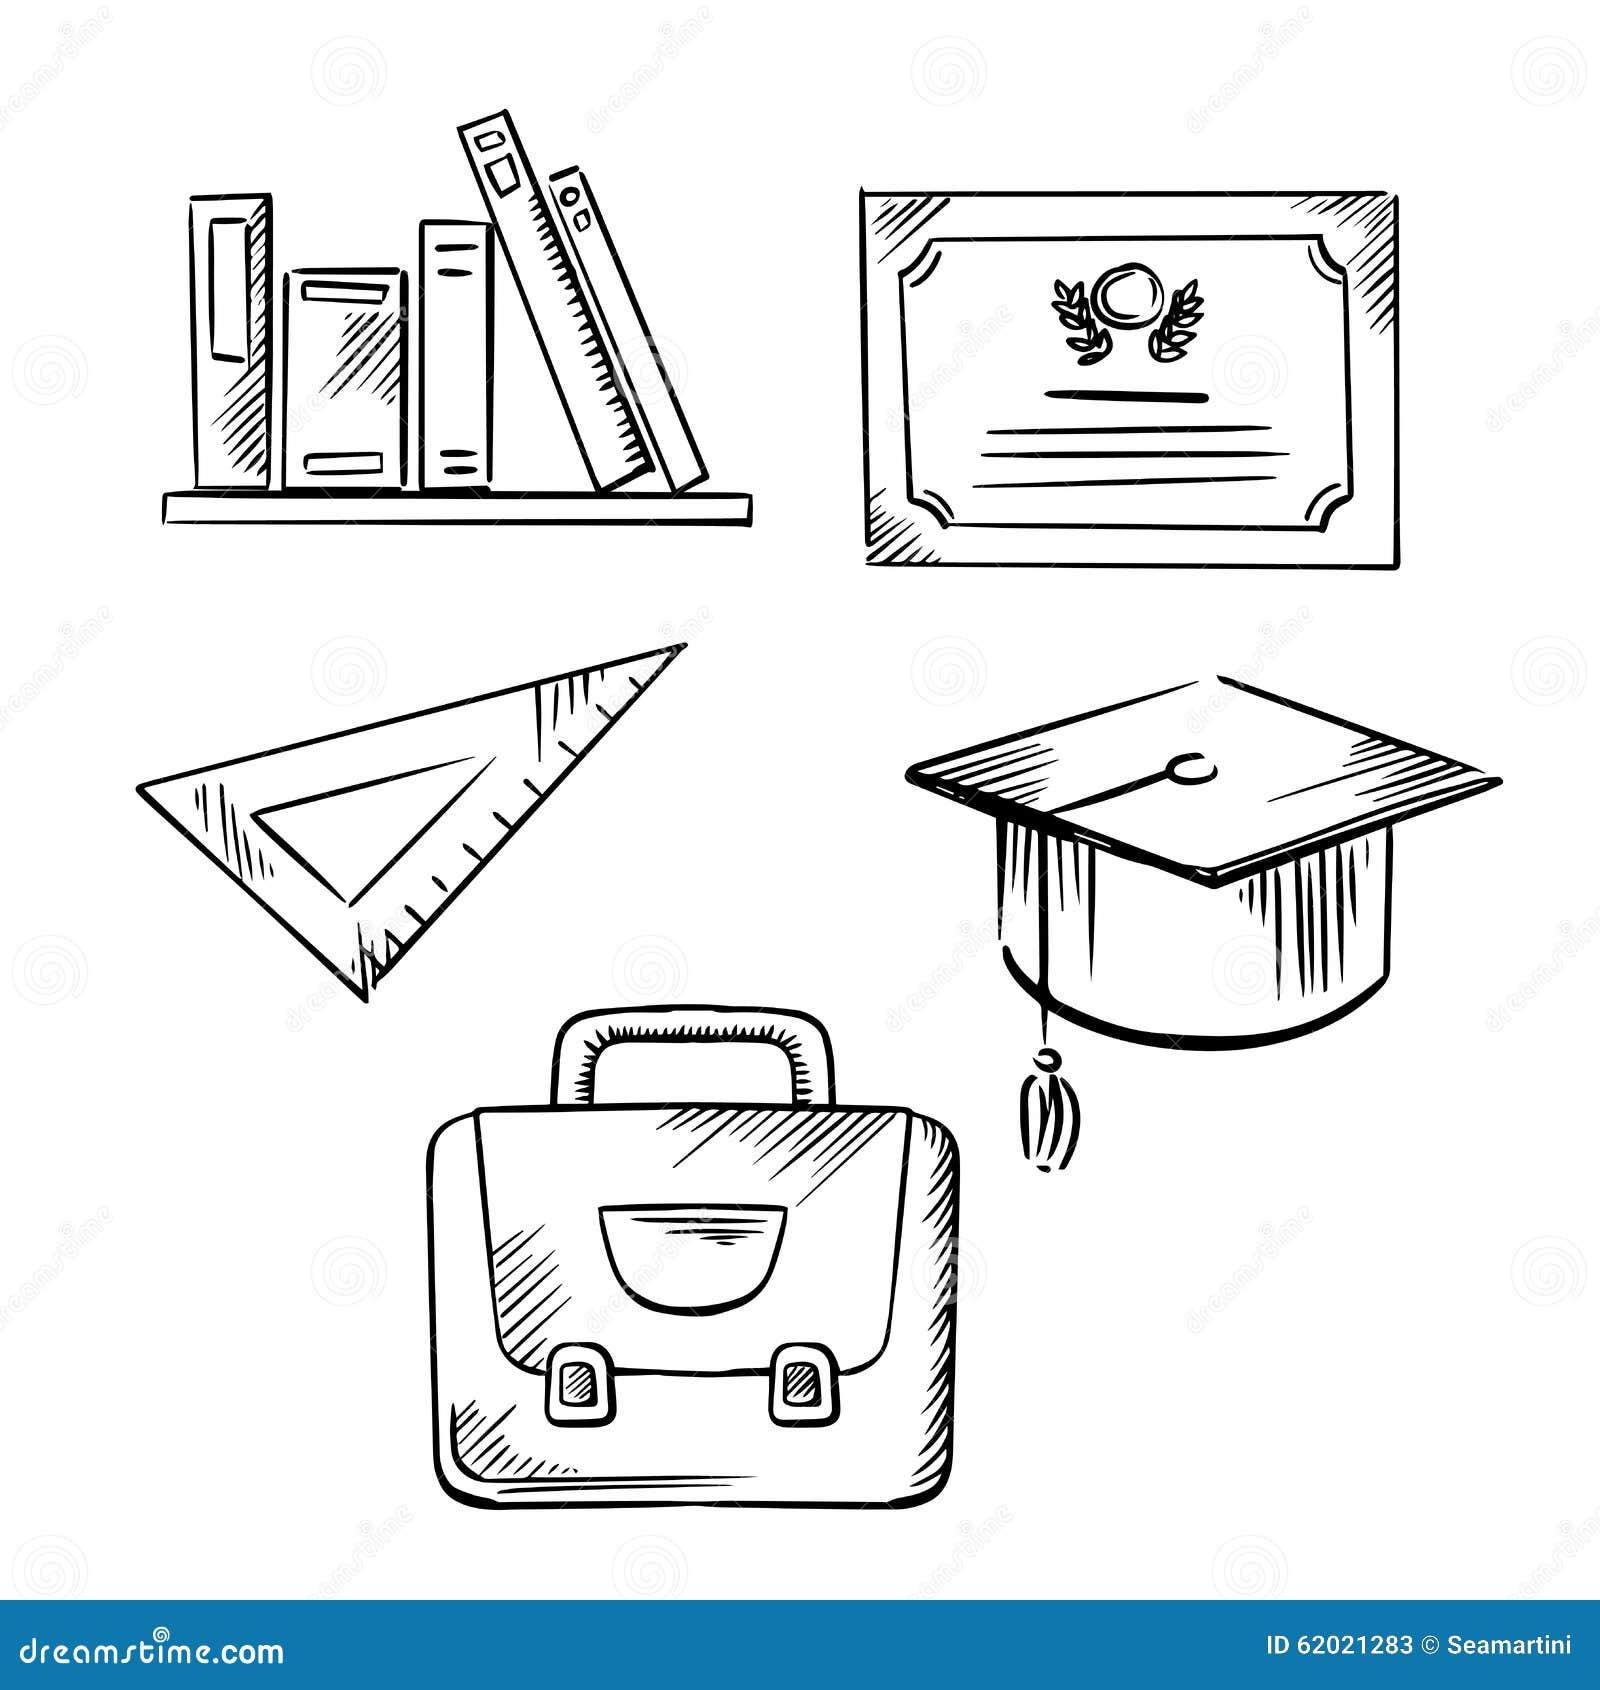 Diplôme, Chapeau, Sac D'école, Règle Et Livres Illustration